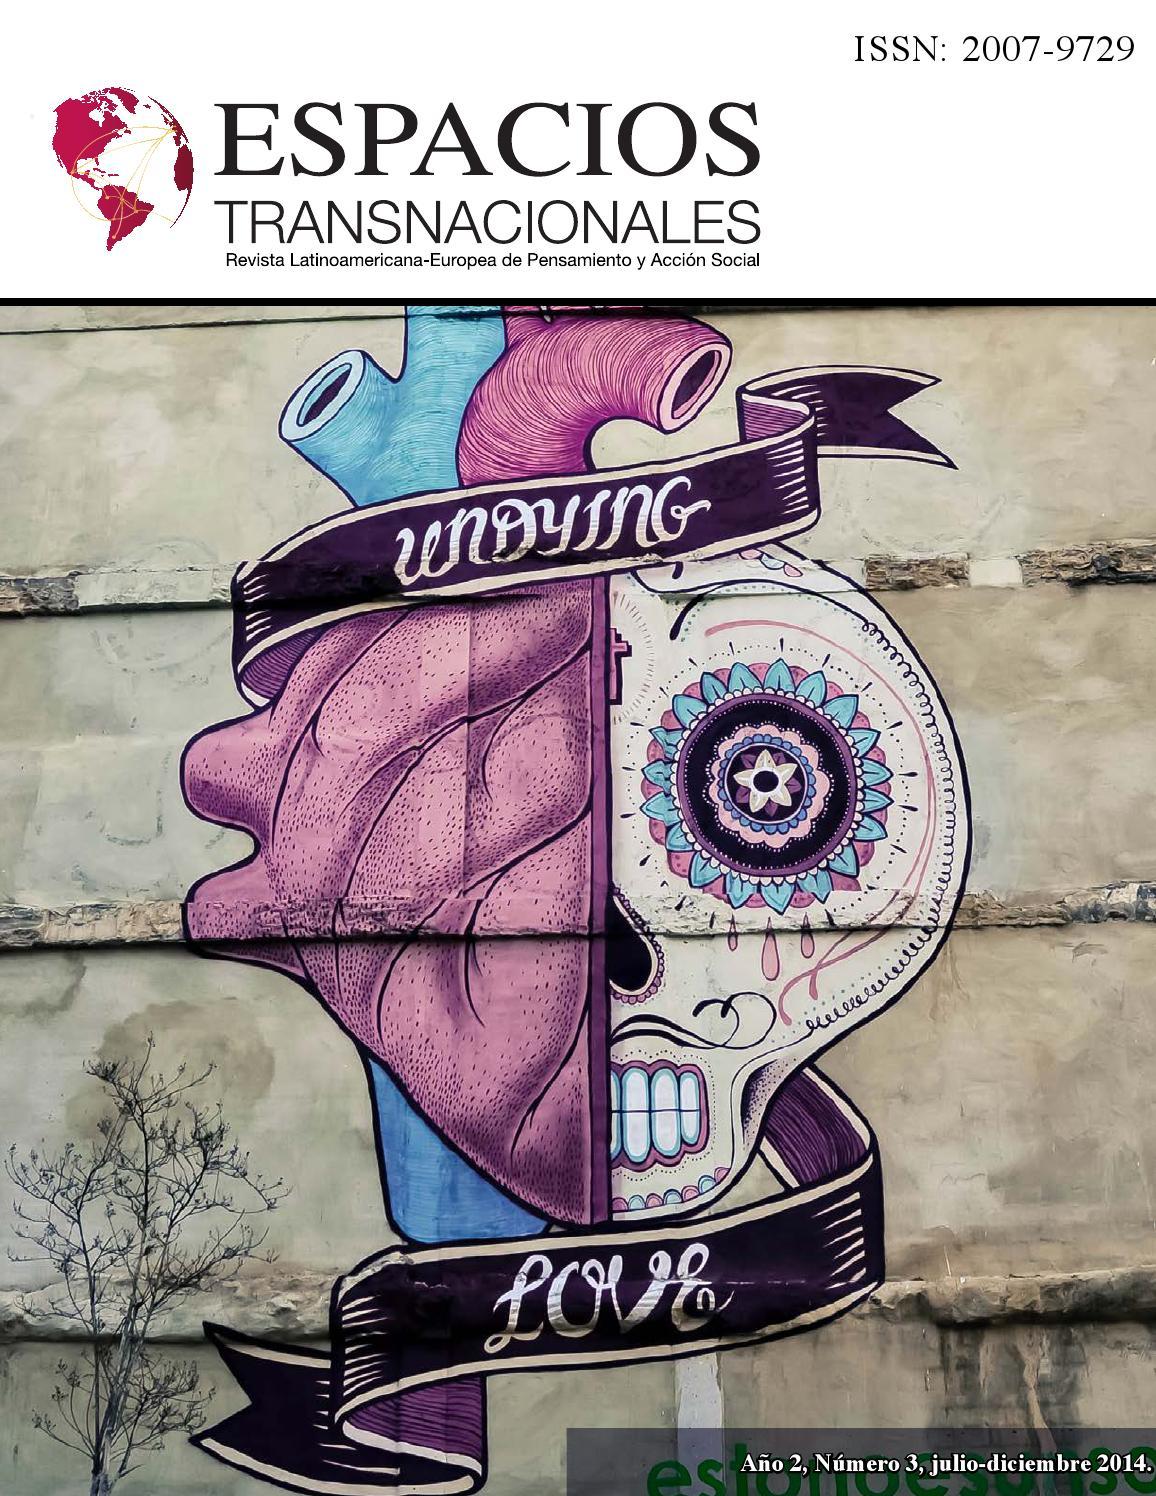 Espacios Transnacionales No. 3 by Espacios Transnacionales - issuu